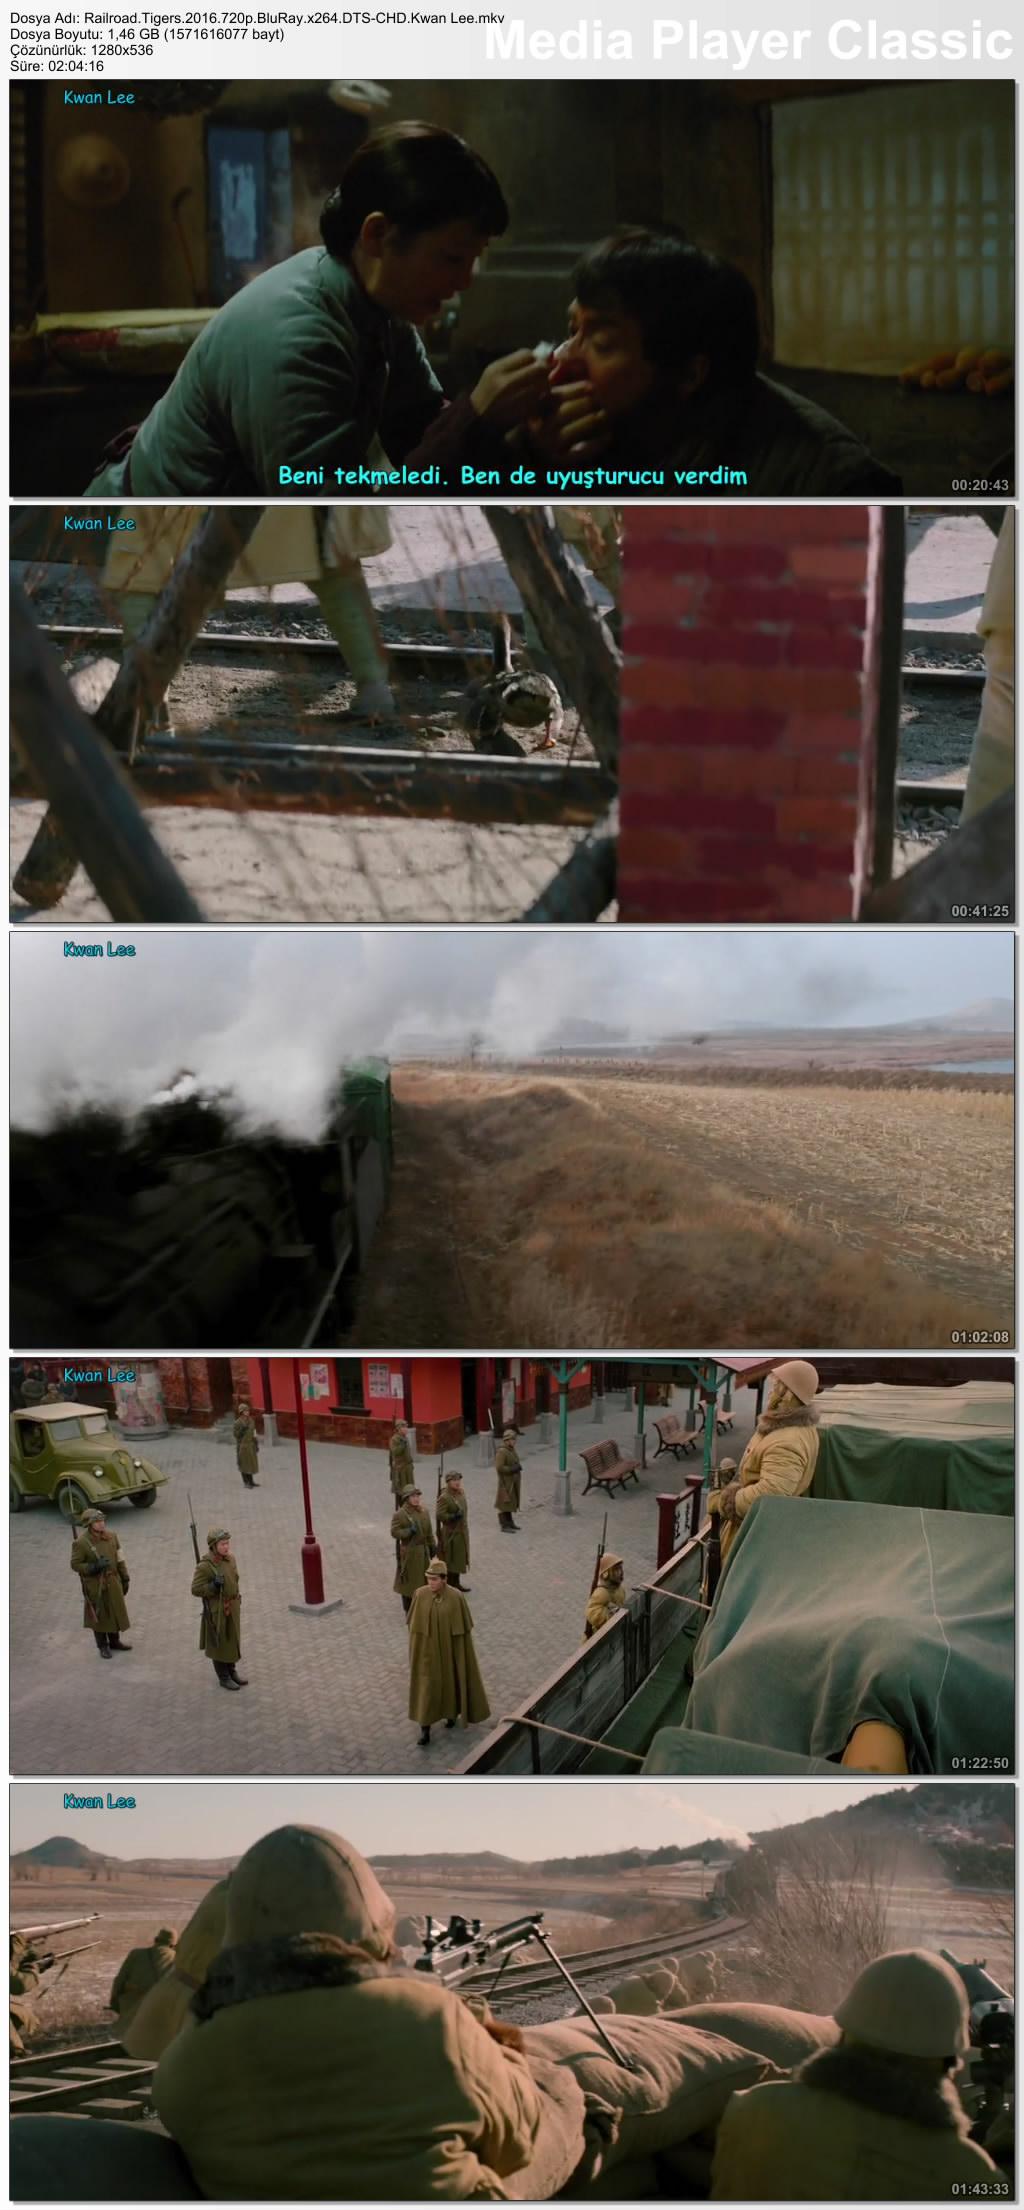 [Resim: Railroad.Tigers.2016.720p.BluRay.x264.DT...281%29.jpg]